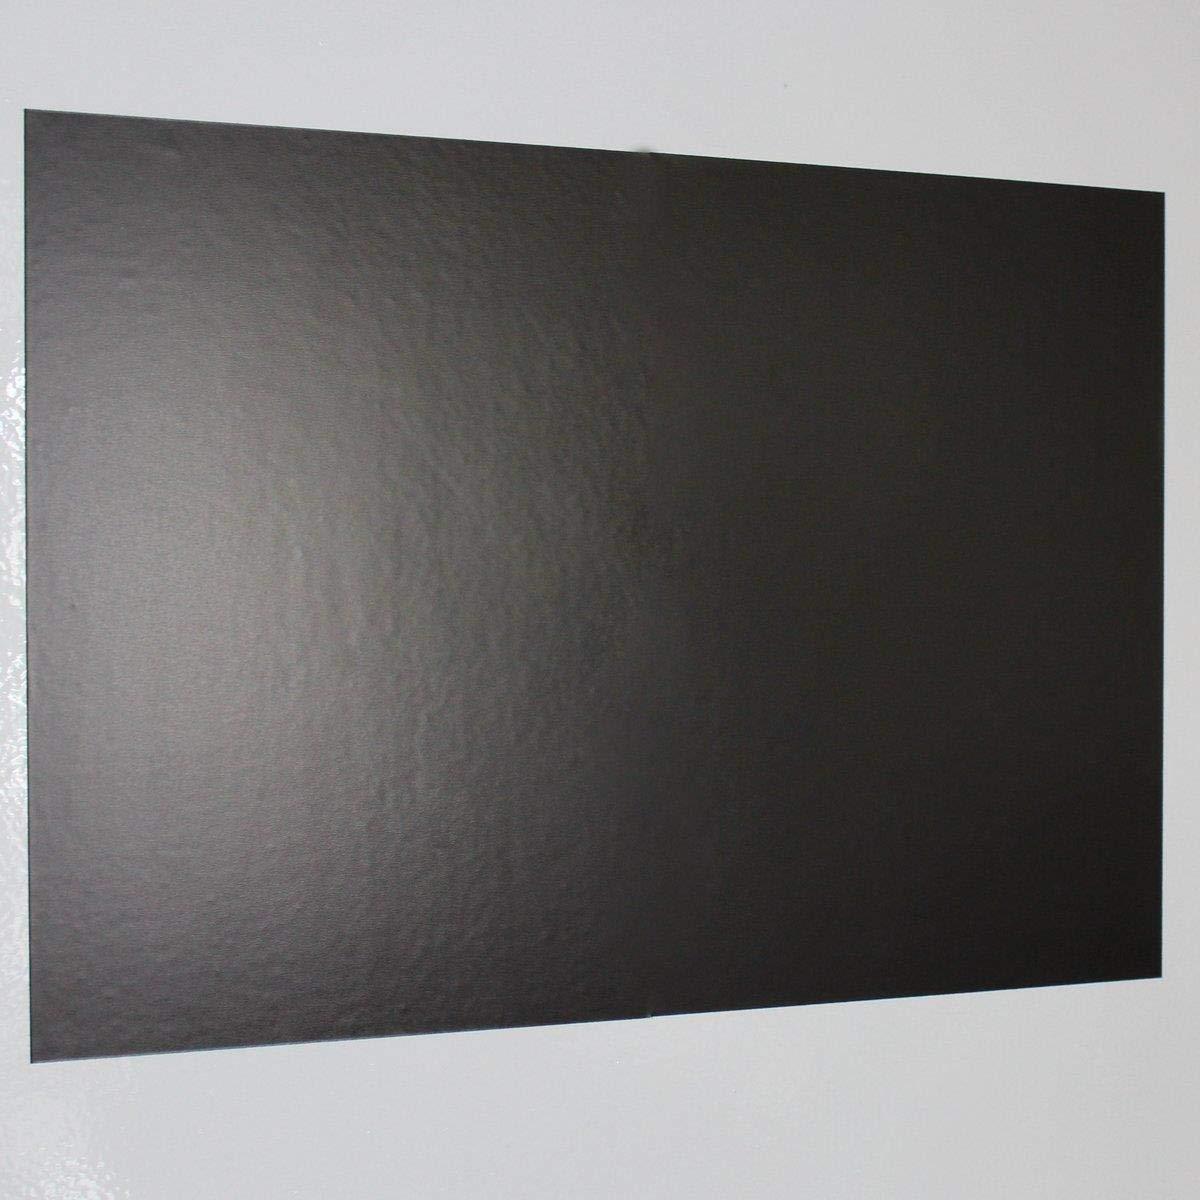 MAGSTICK® lamina ferrosa autoadesiva, 1pz. Formato DIN A3, parte adesiva non rivestita, fondo adesivo per potenti magneti, lamina ferrosa easydruck24de